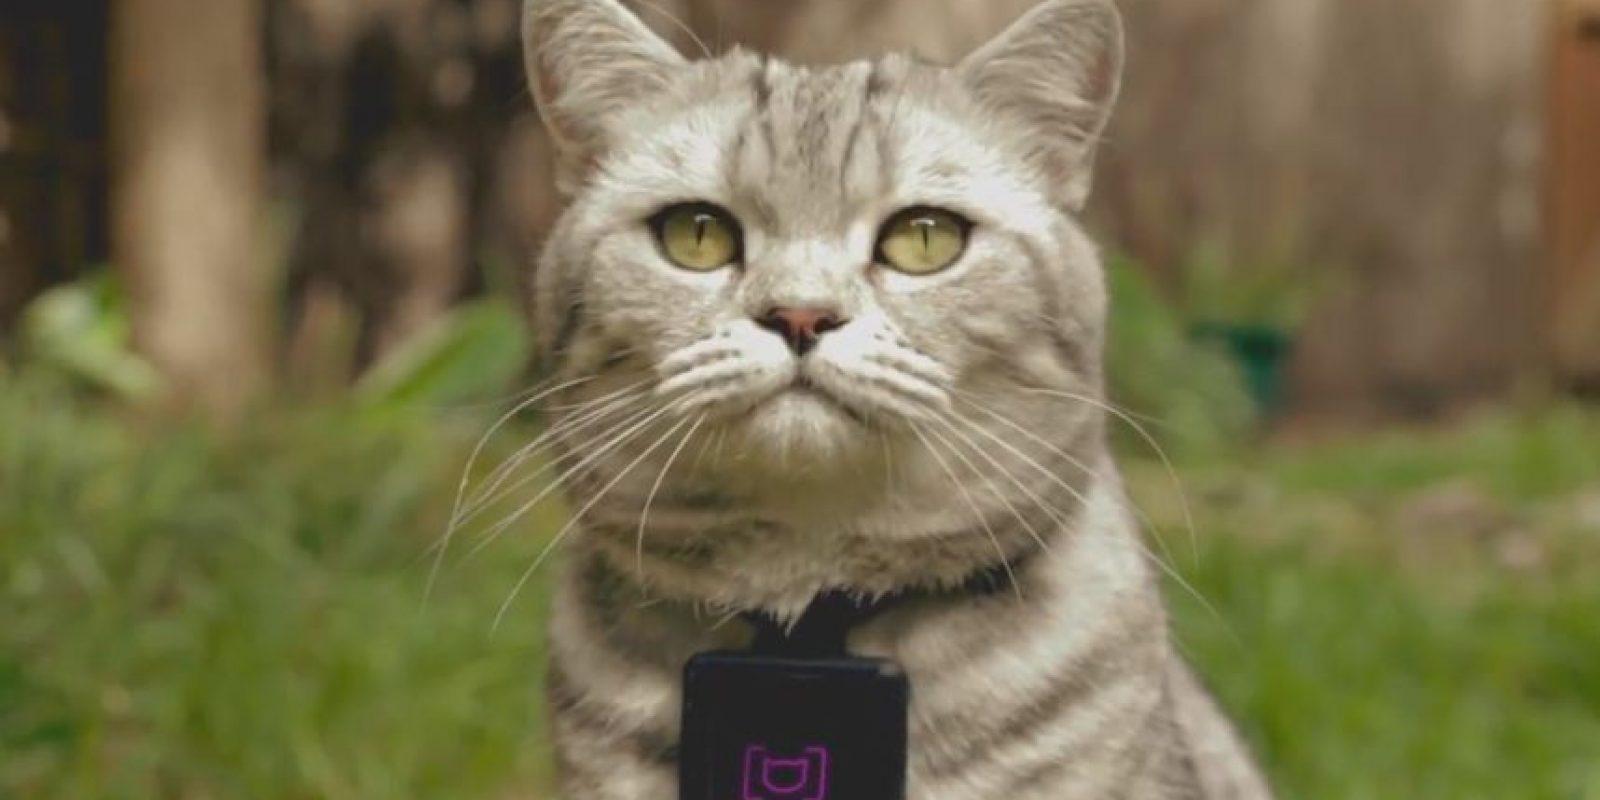 Catstacam toma fotos de lo que hacen sus gatos. Foto:facebook.com/whiskasAU